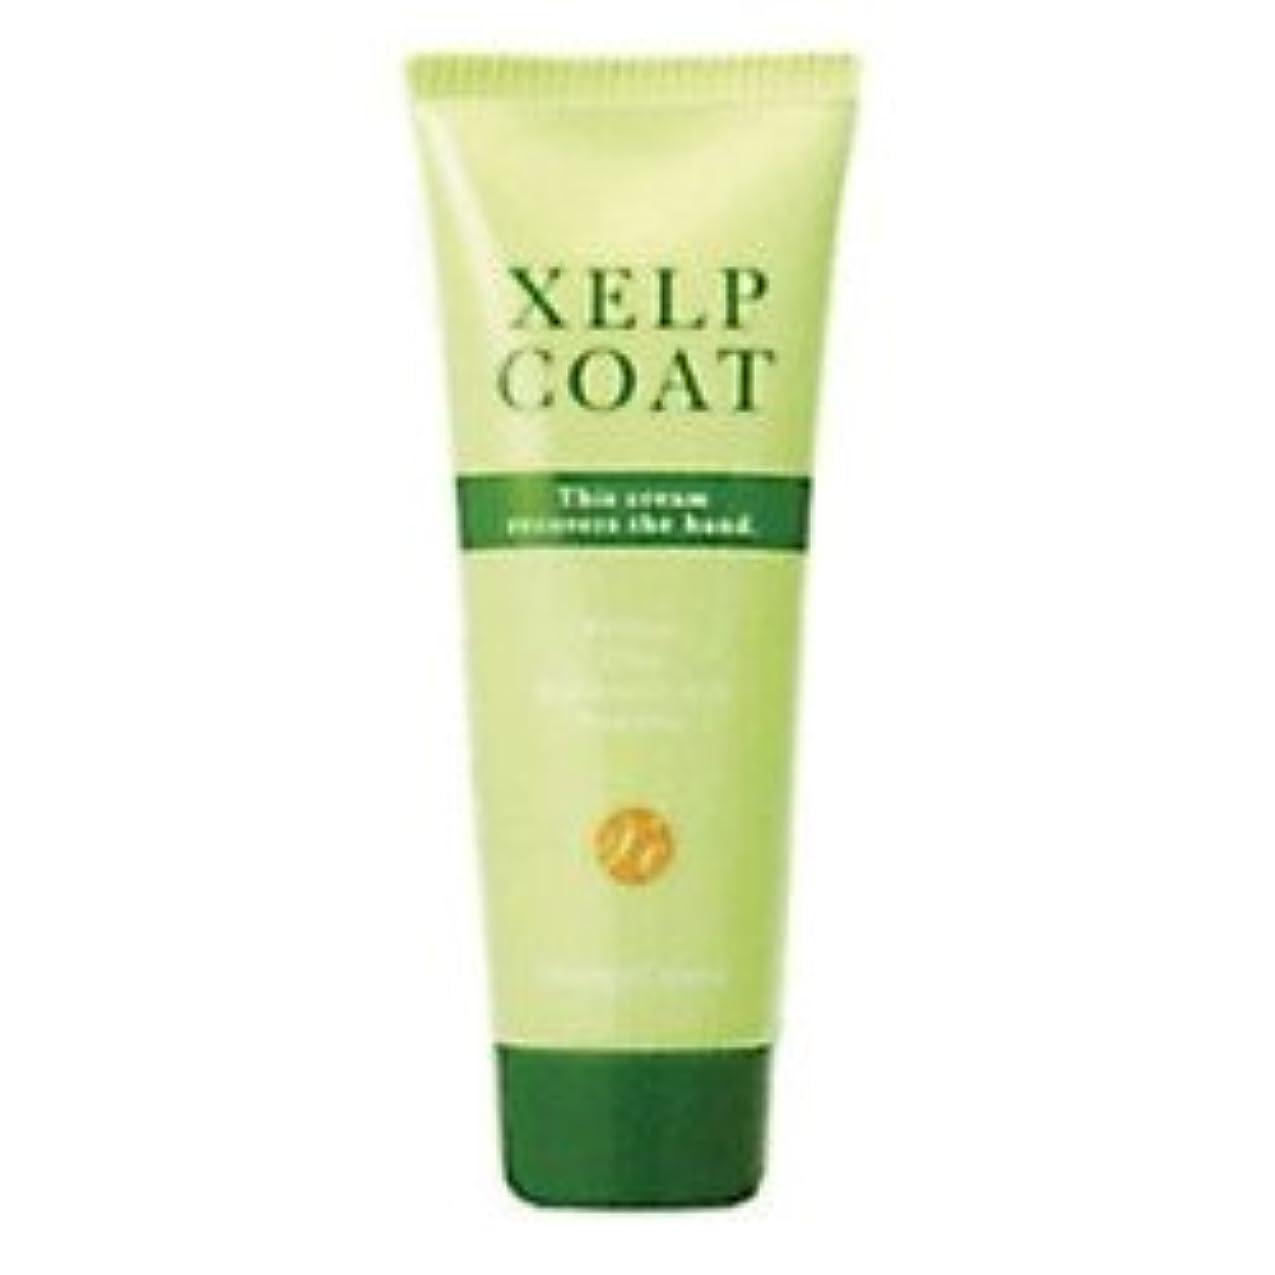 ラッドヤードキップリングシンプルな祈るケイルコート 80g XELPCOAT 美容師さんのためのハンドクリーム